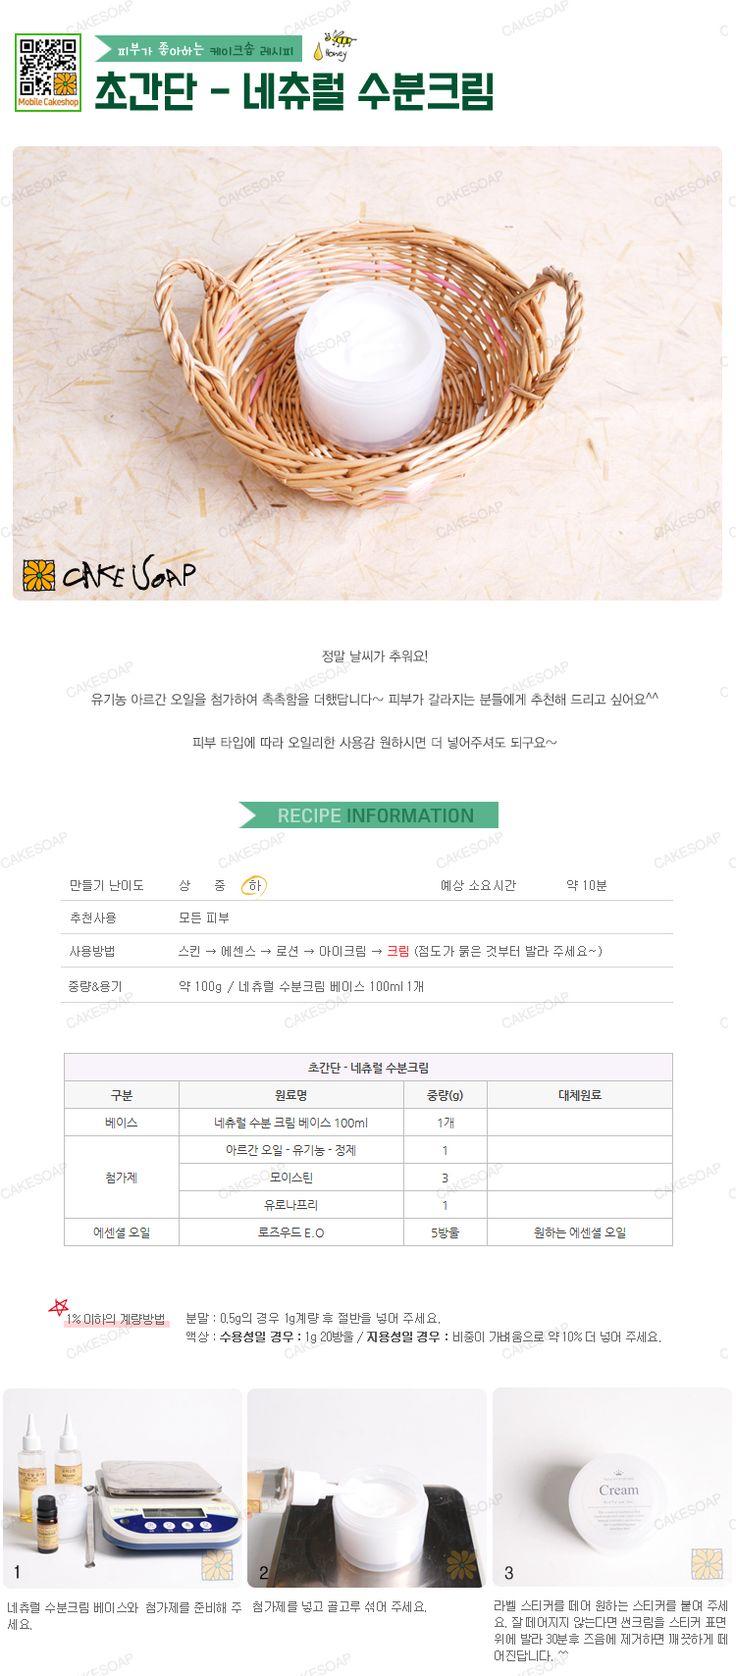 초간단 - 네츄럴 수분크림